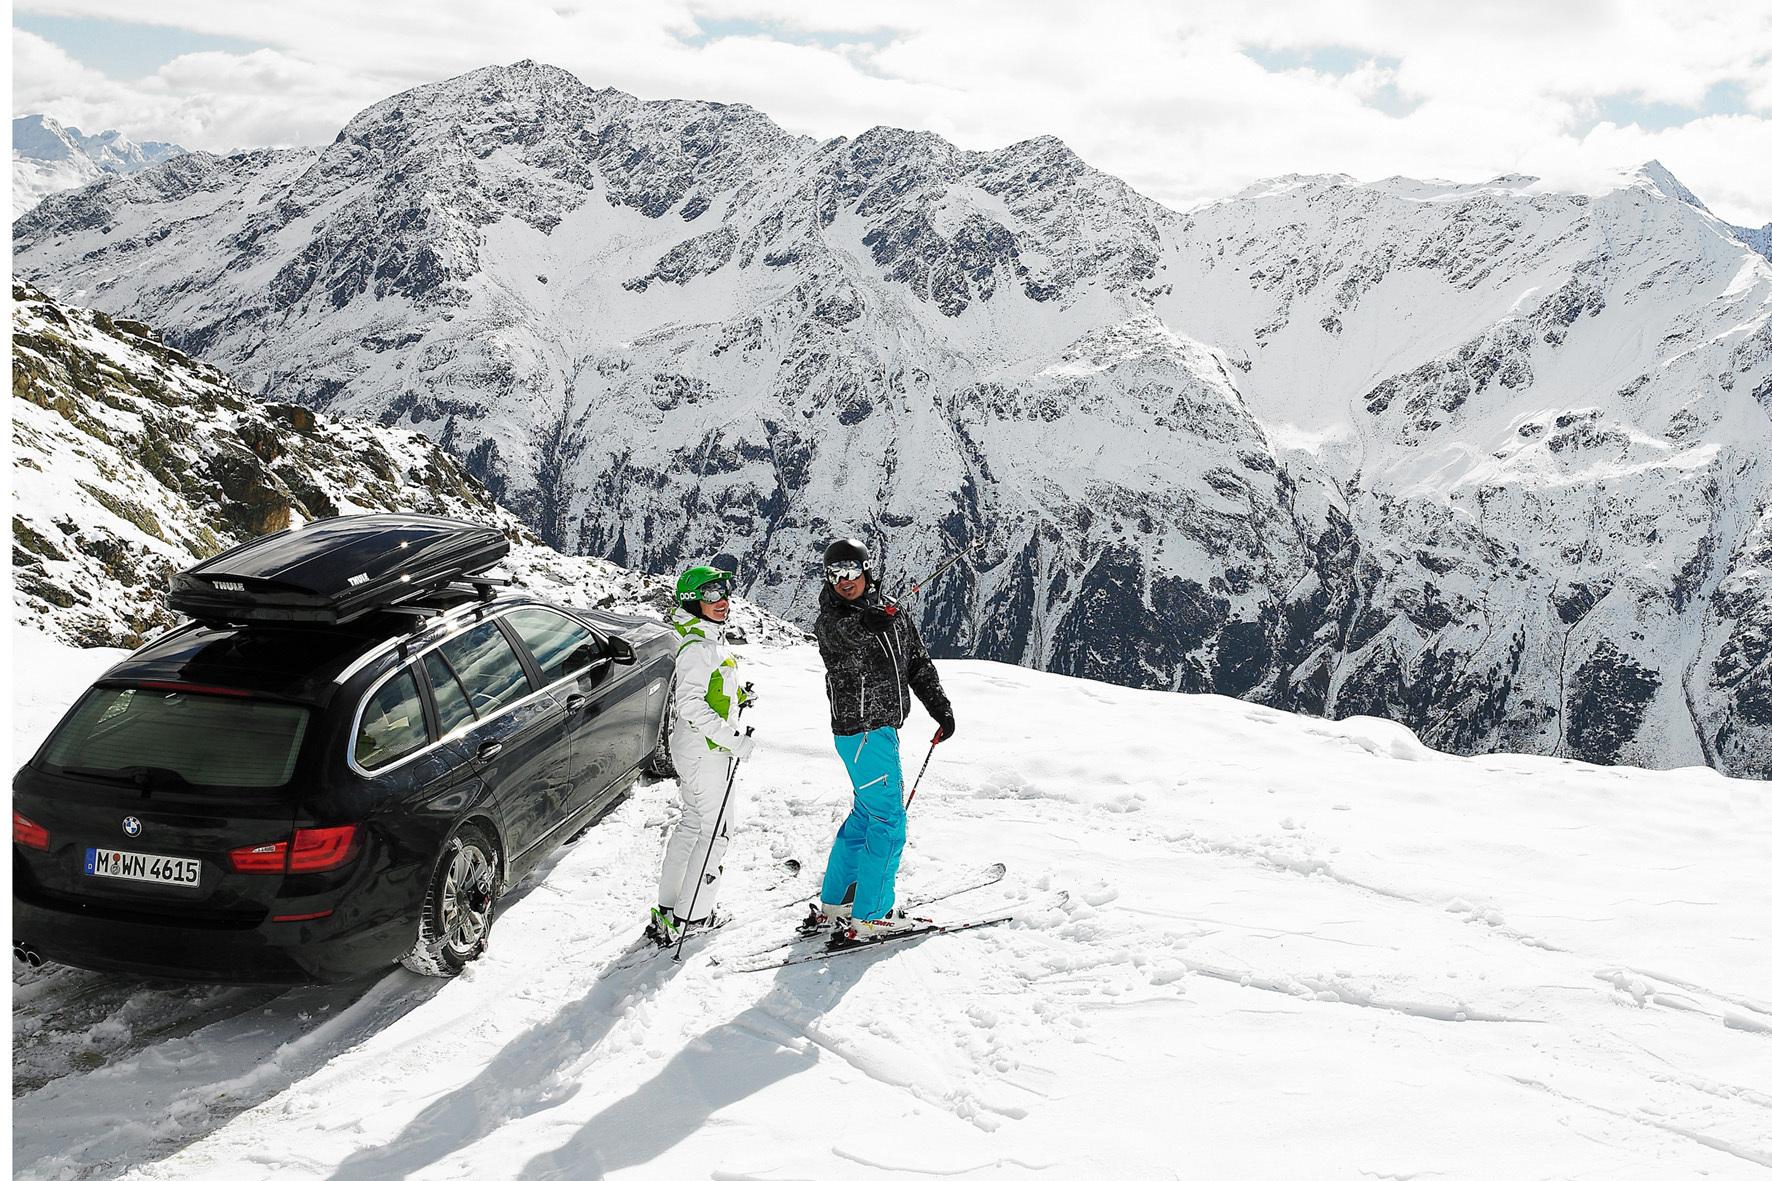 mid Groß-Gerau - Für den Skiurlaub bieten sich Dachboxen für den Pkw zum Beispiel zur Unterbringung der sperrigen Skier an. Wichtig ist aber, dass Autofahrer nur geprüfte Boxen verwenden und diese auch korrekt beladen.